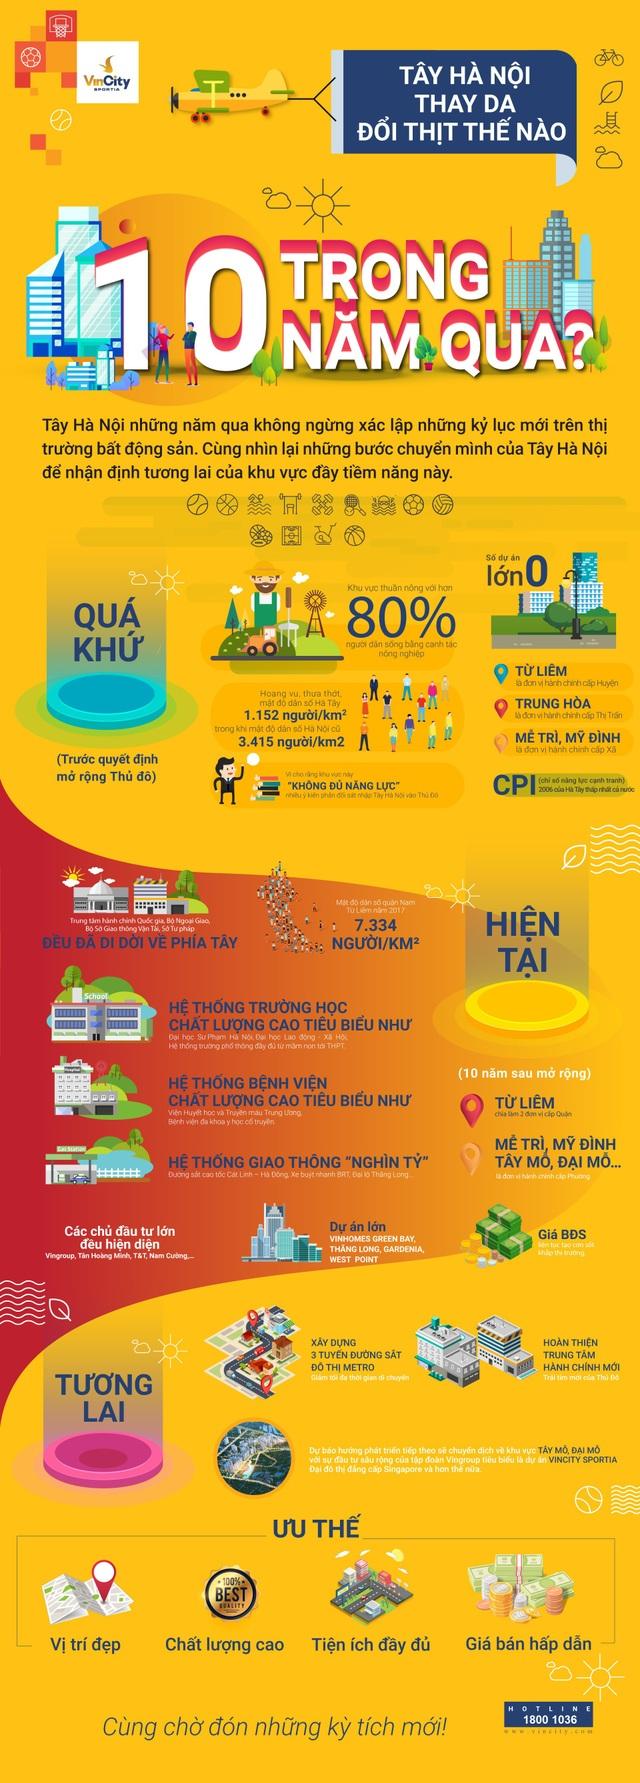 """Infographic: Tây Hà Nội """"thay da đổi thịt"""" thế nào trong 10 năm qua? - 1"""